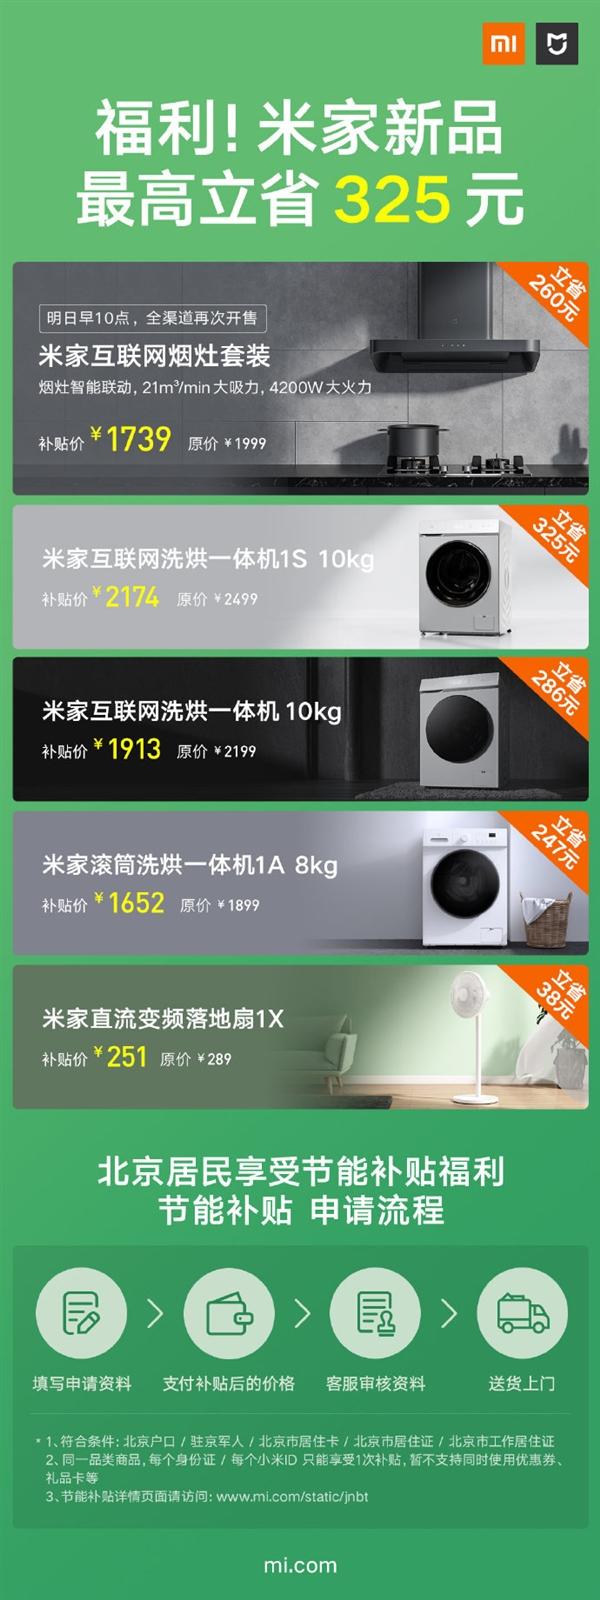 米家互联网烟灶套装明日开售:北京用户有专属福利